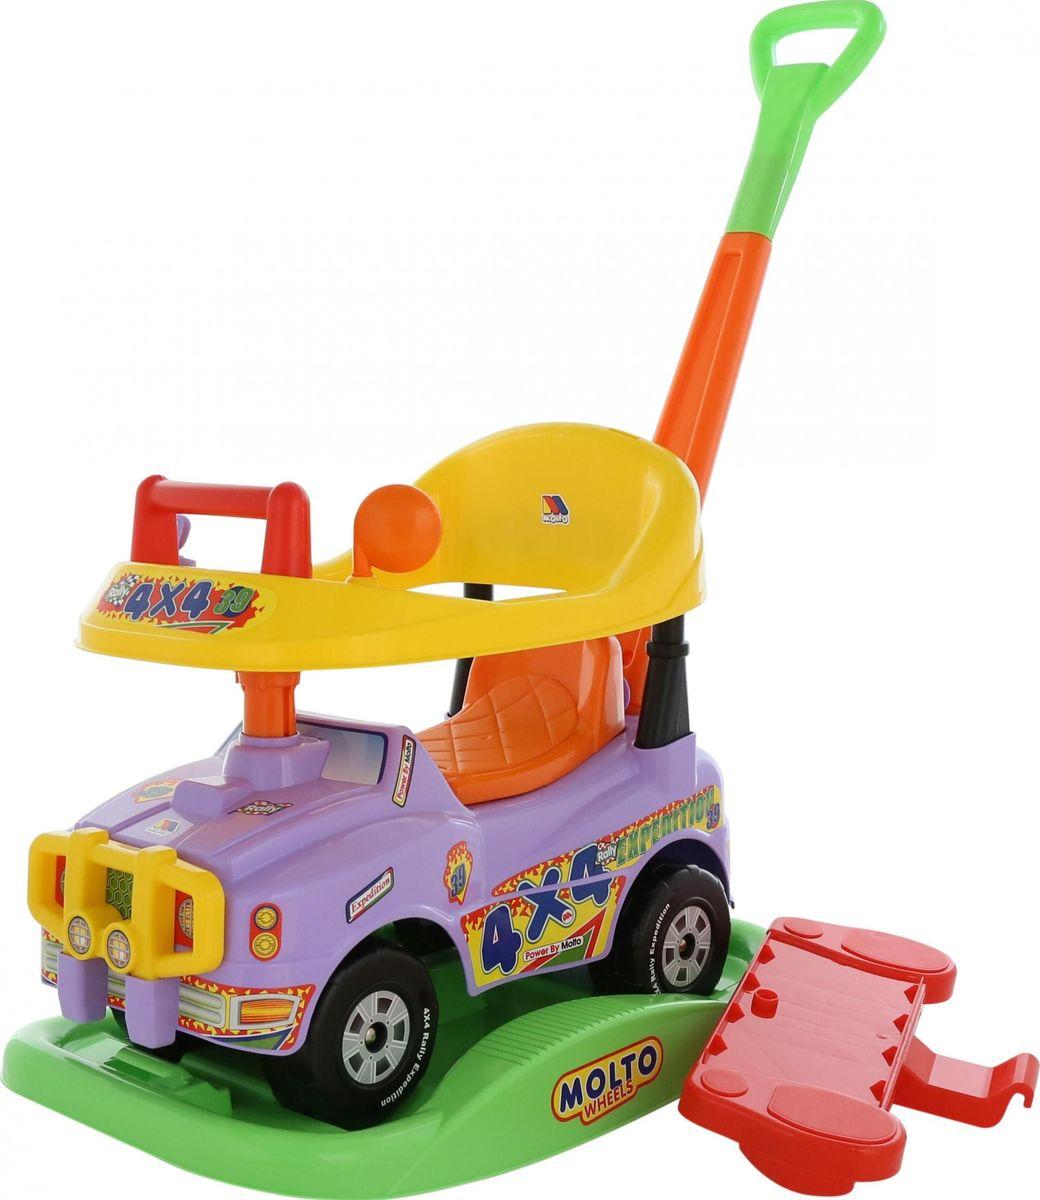 Полесье Автомобиль-каталка Джип Викинг №2 цвет сиреневый - Каталки, понициклы